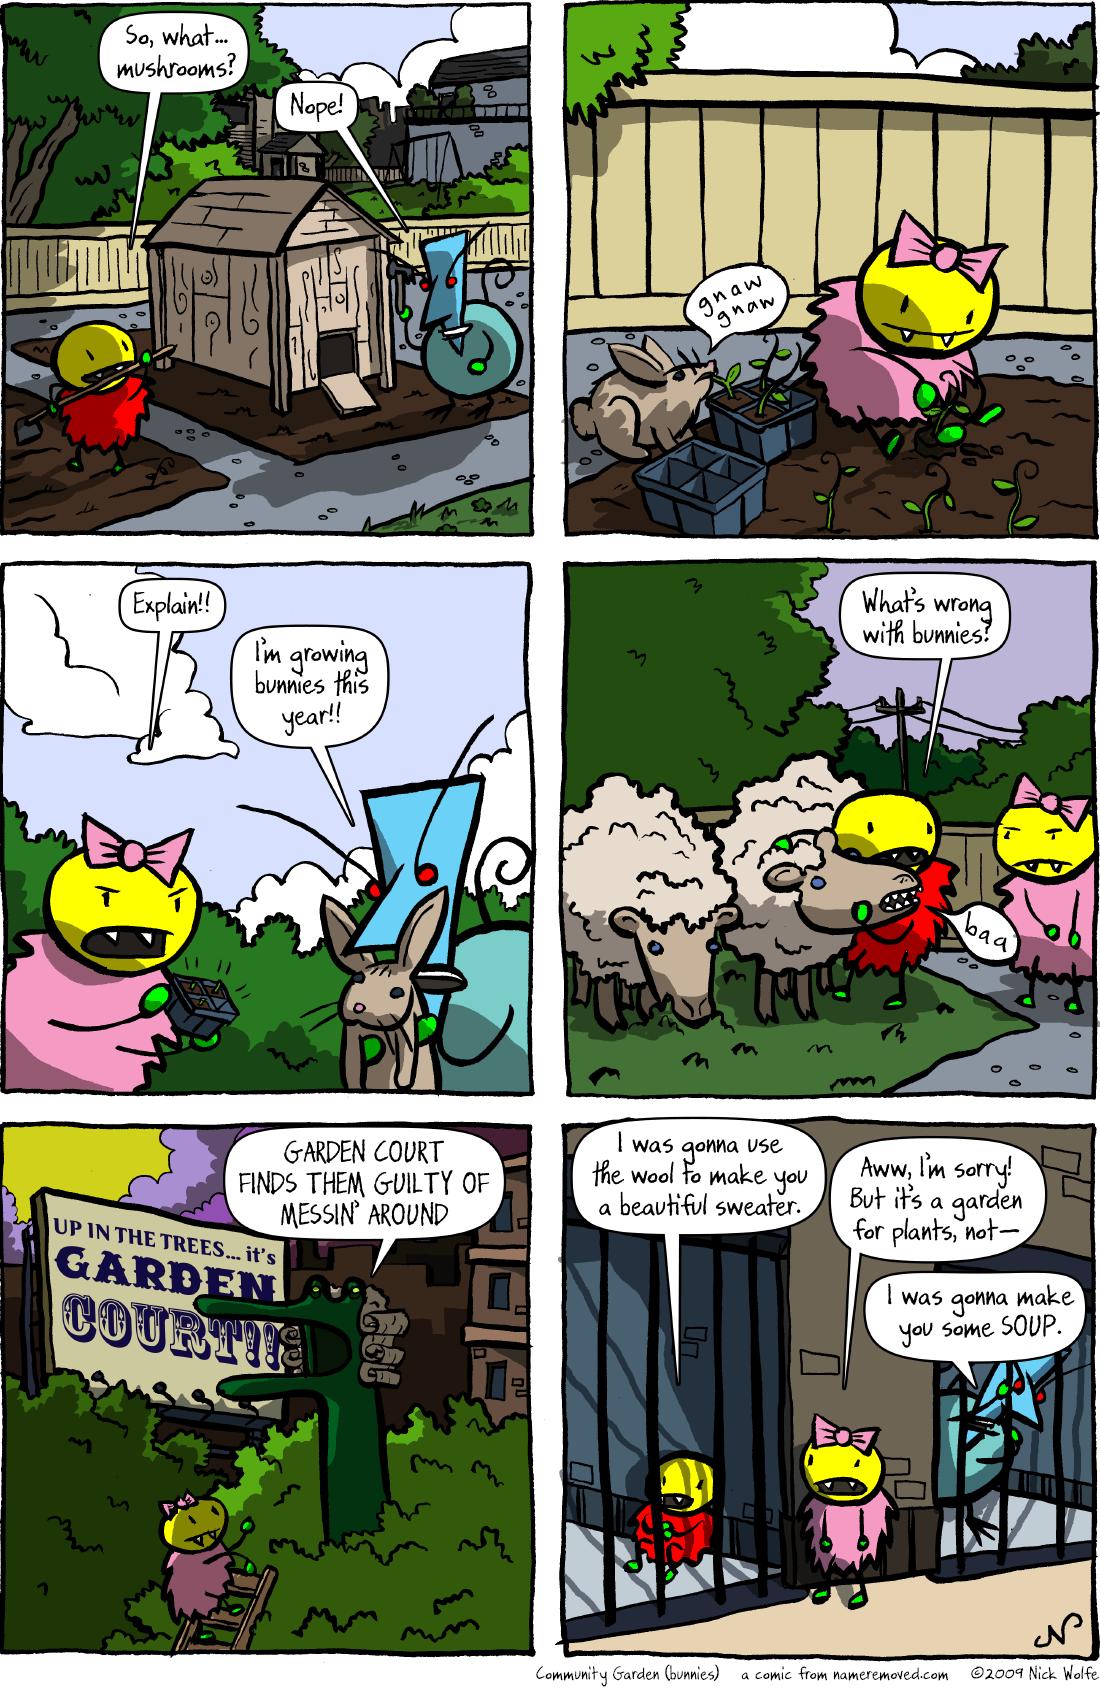 Community Garden (bunnies)